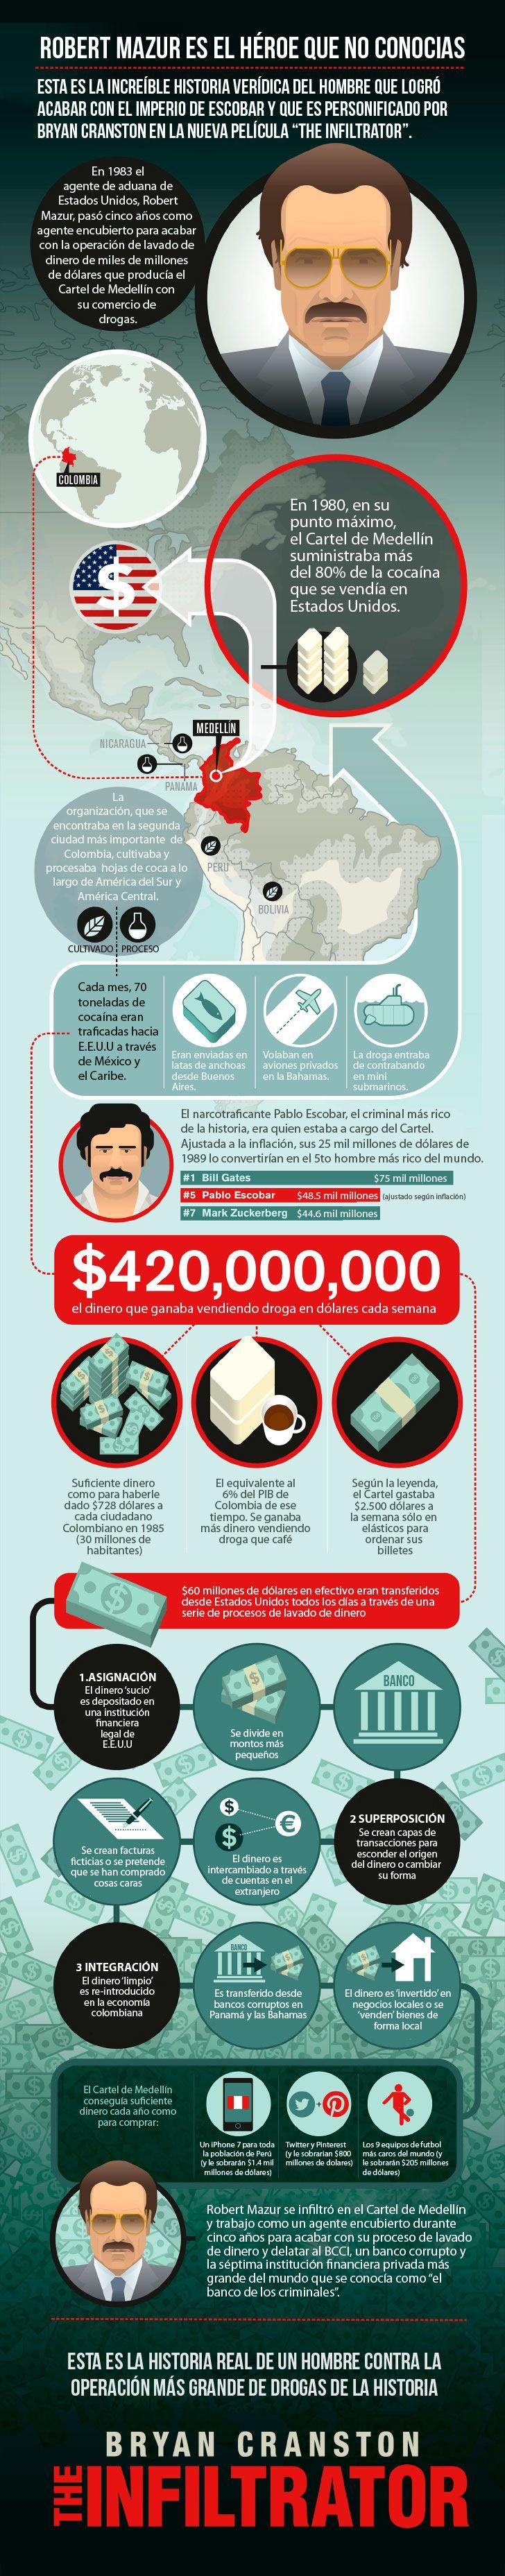 Así de millonario sería Pablo Escobar si estuviera vivo hoy en día